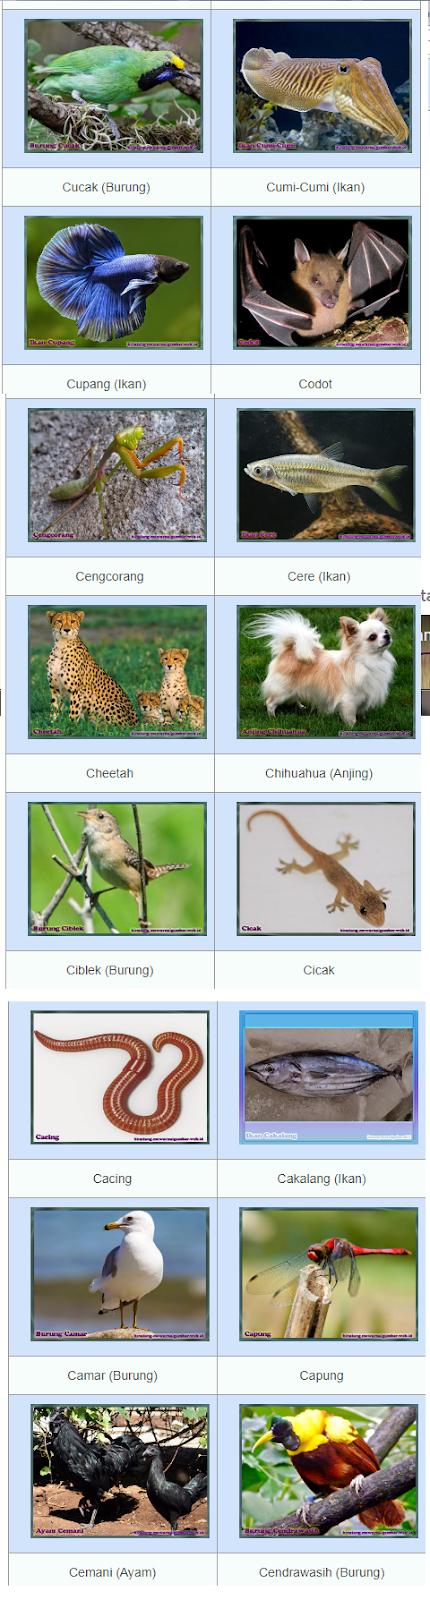 Nama Hewan Dari A Sampai Z : hewan, sampai, Daftar, Hewan, Dimulai, Huruf, Lengkap, Dengan, Gambarnya, DAFTAR, HEWAN, LENGKAP